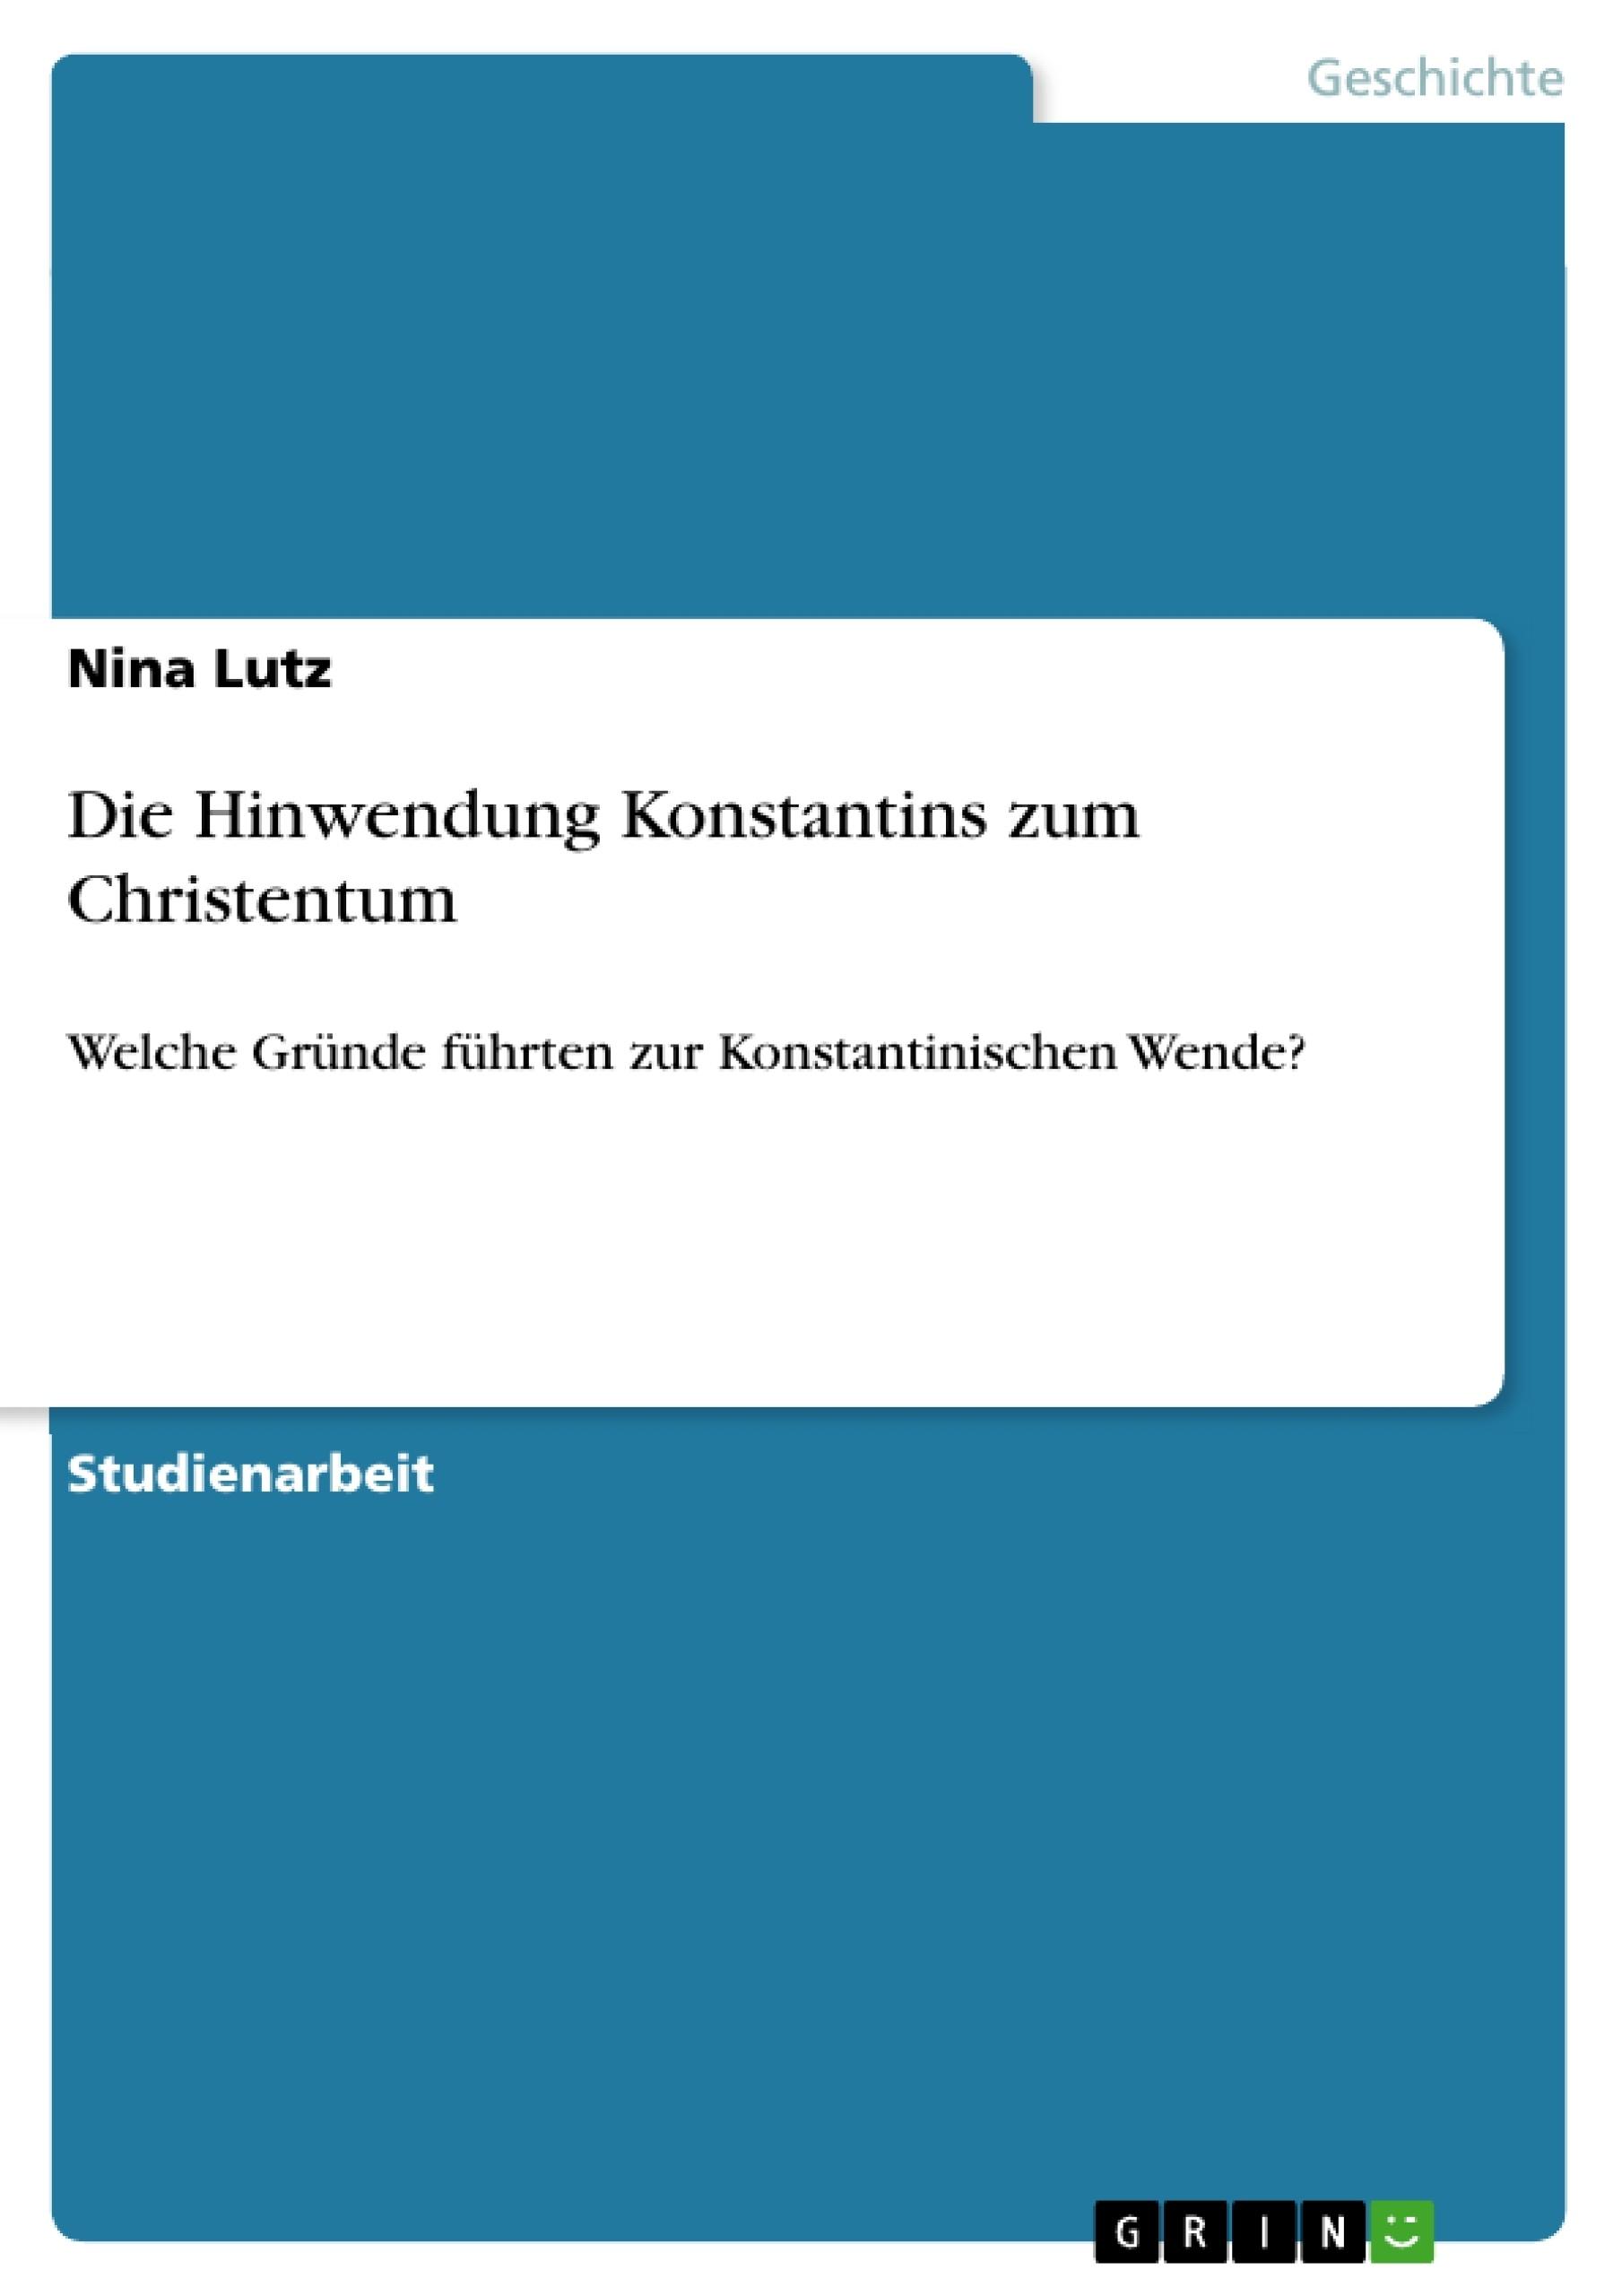 Titel: Die Hinwendung Konstantins zum Christentum